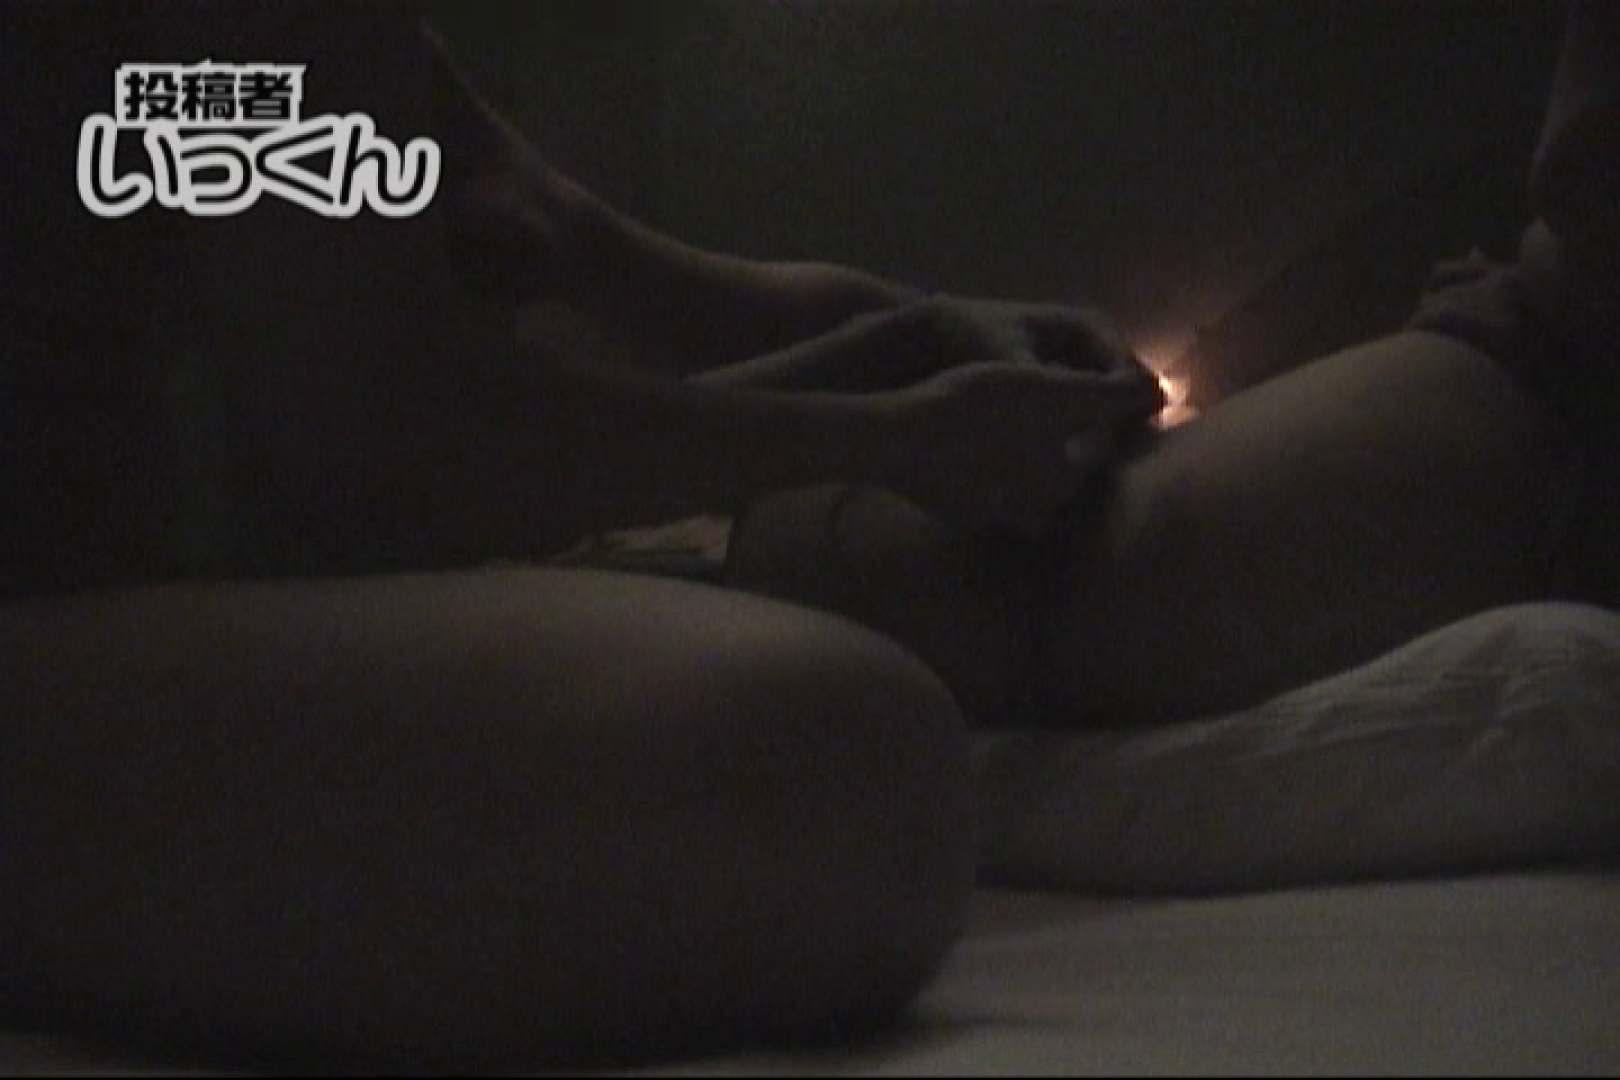 調教師いっくんの 北海道の自衛隊員の彼女24歳えみ 盗撮  95pic 13